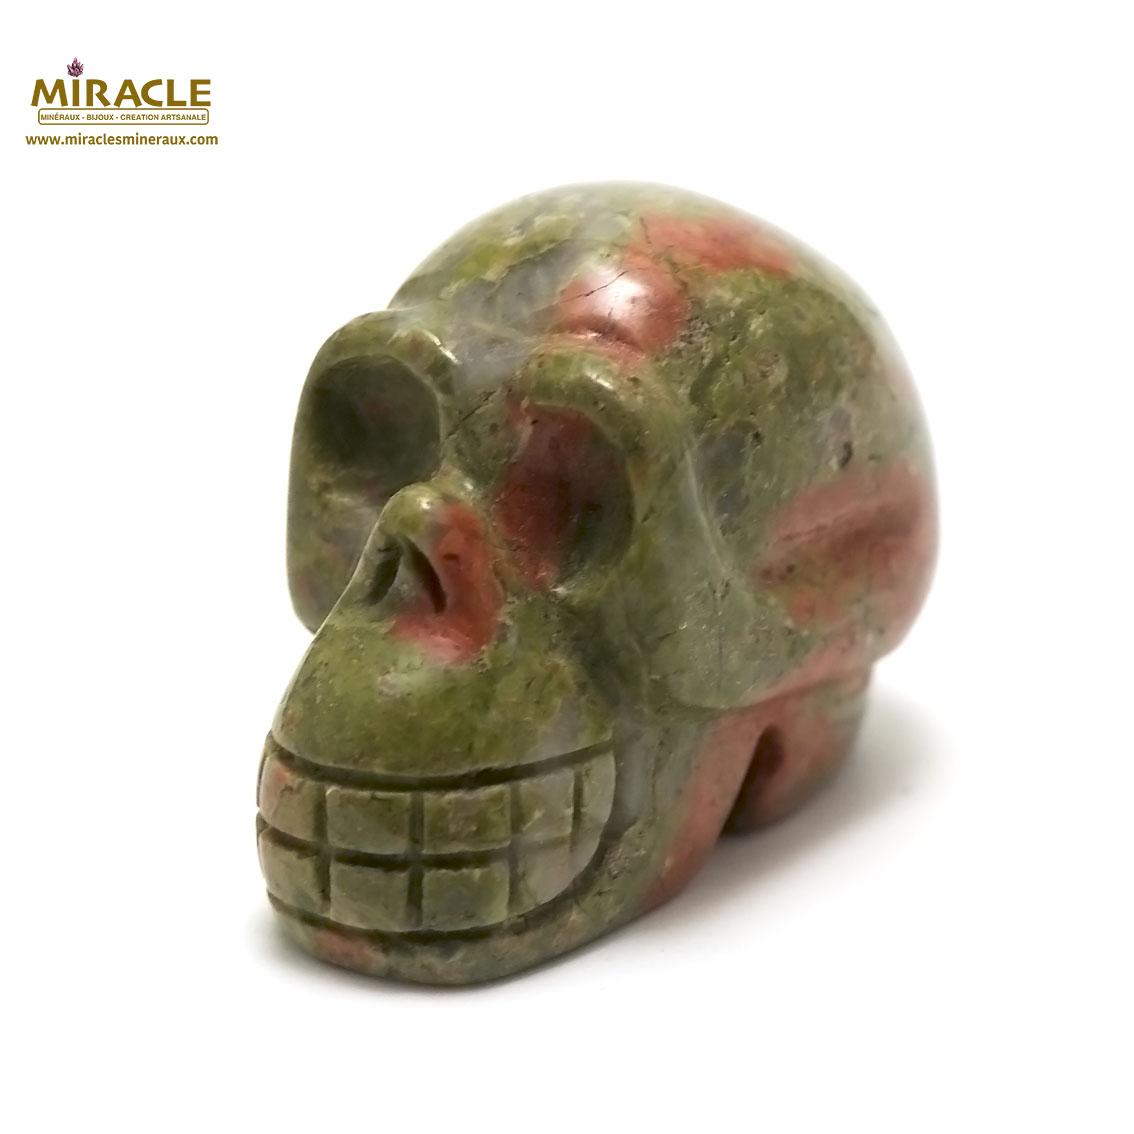 statuette minéraux crane skull en pierre naturelle d\'unakite